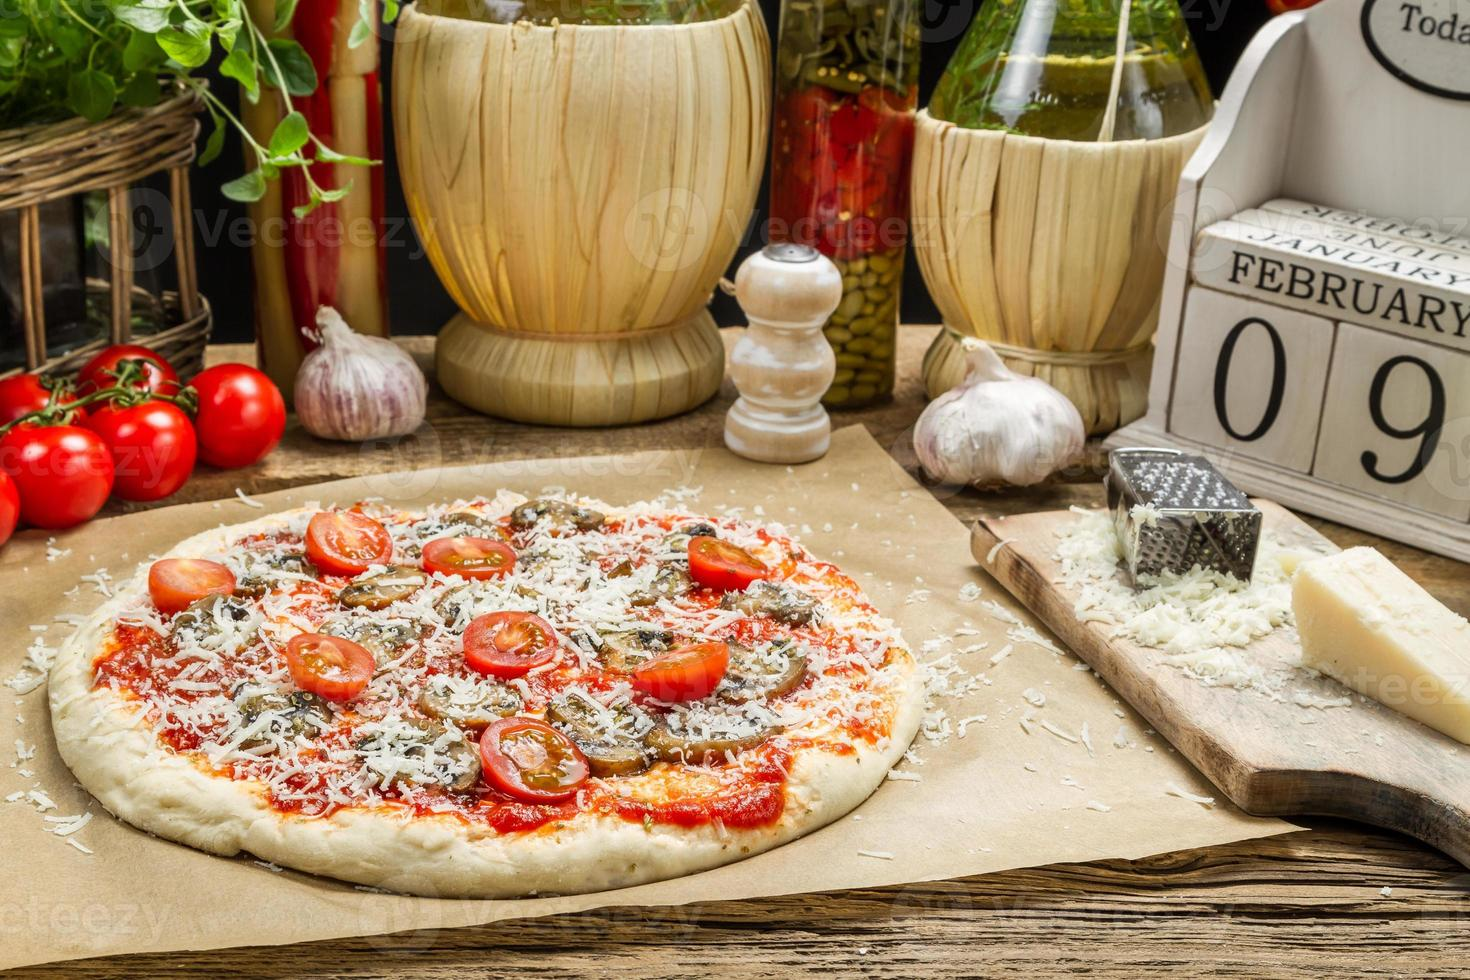 preparar pizza casera con ingredientes frescos foto